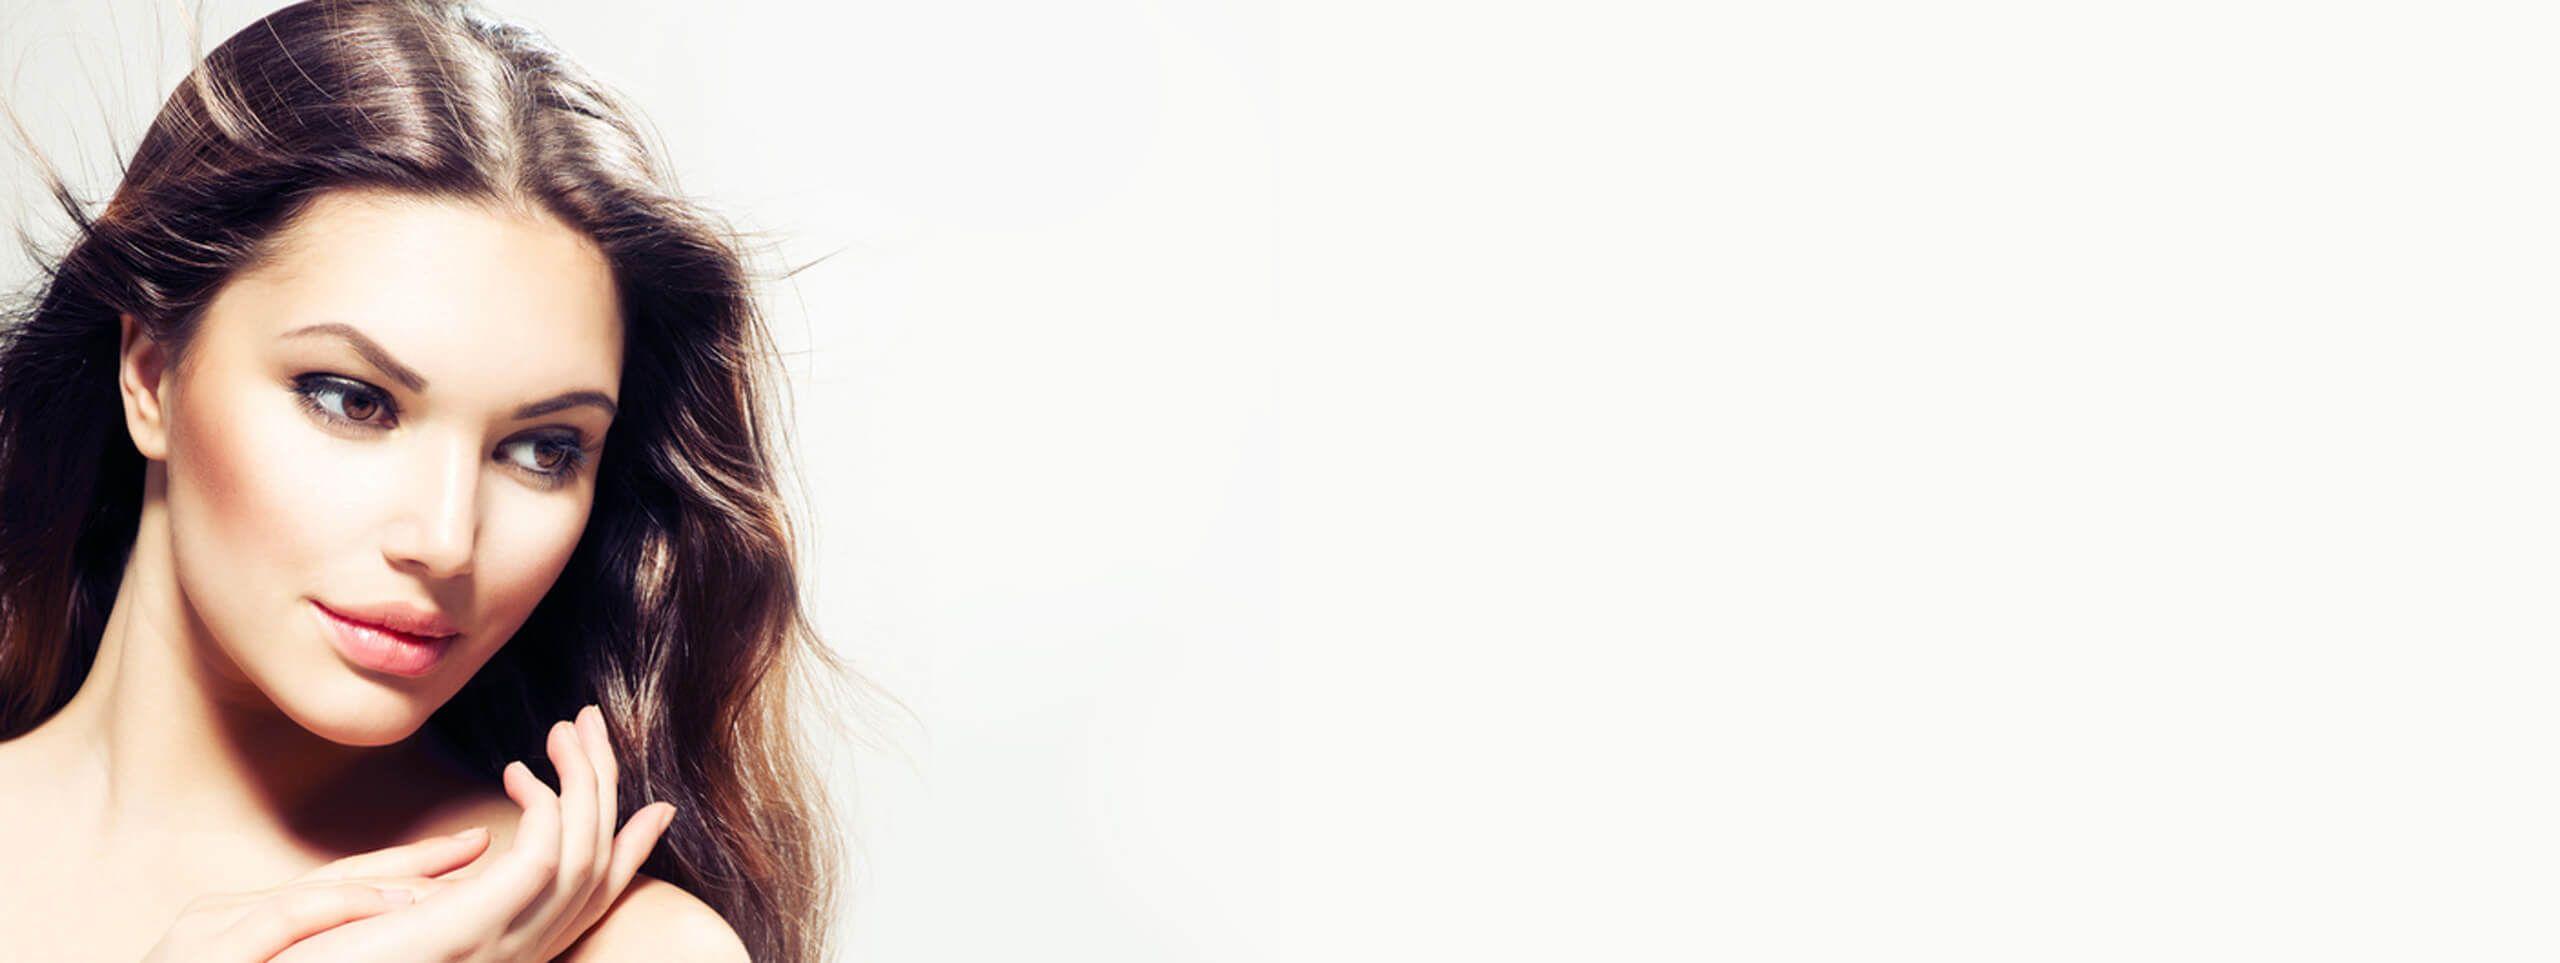 Modelo raya en medio cabello sano y pelo castaño oscuro